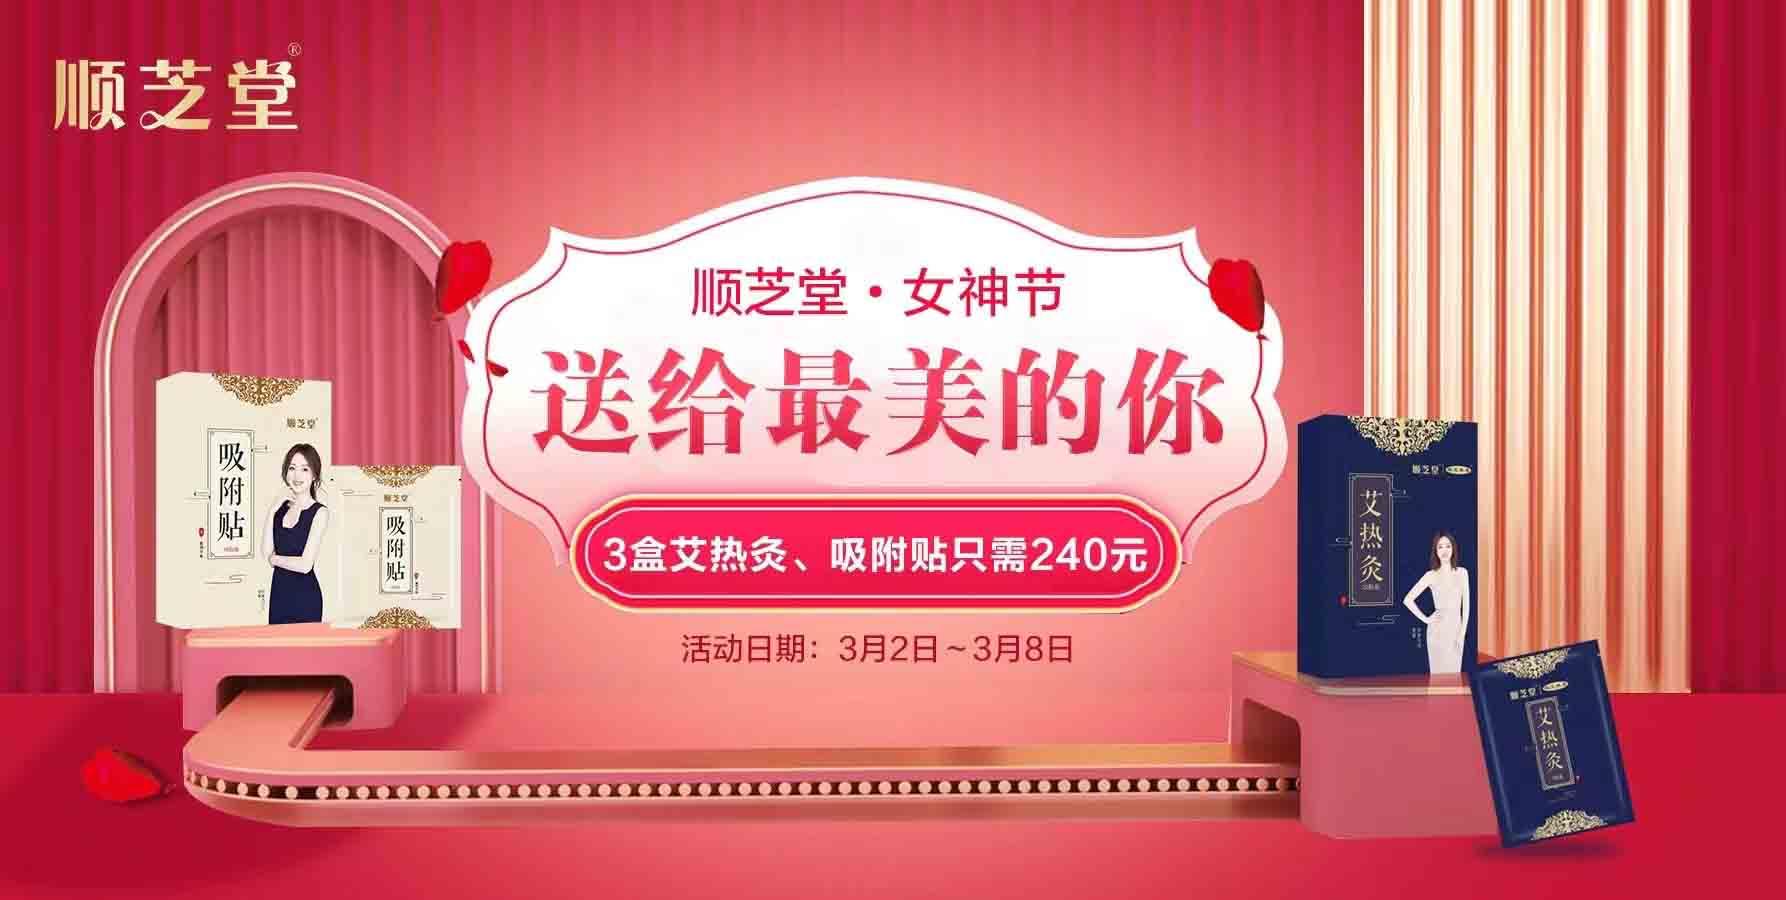 顺芝堂曲仙3月8号-女神节活动,送给最美的你!